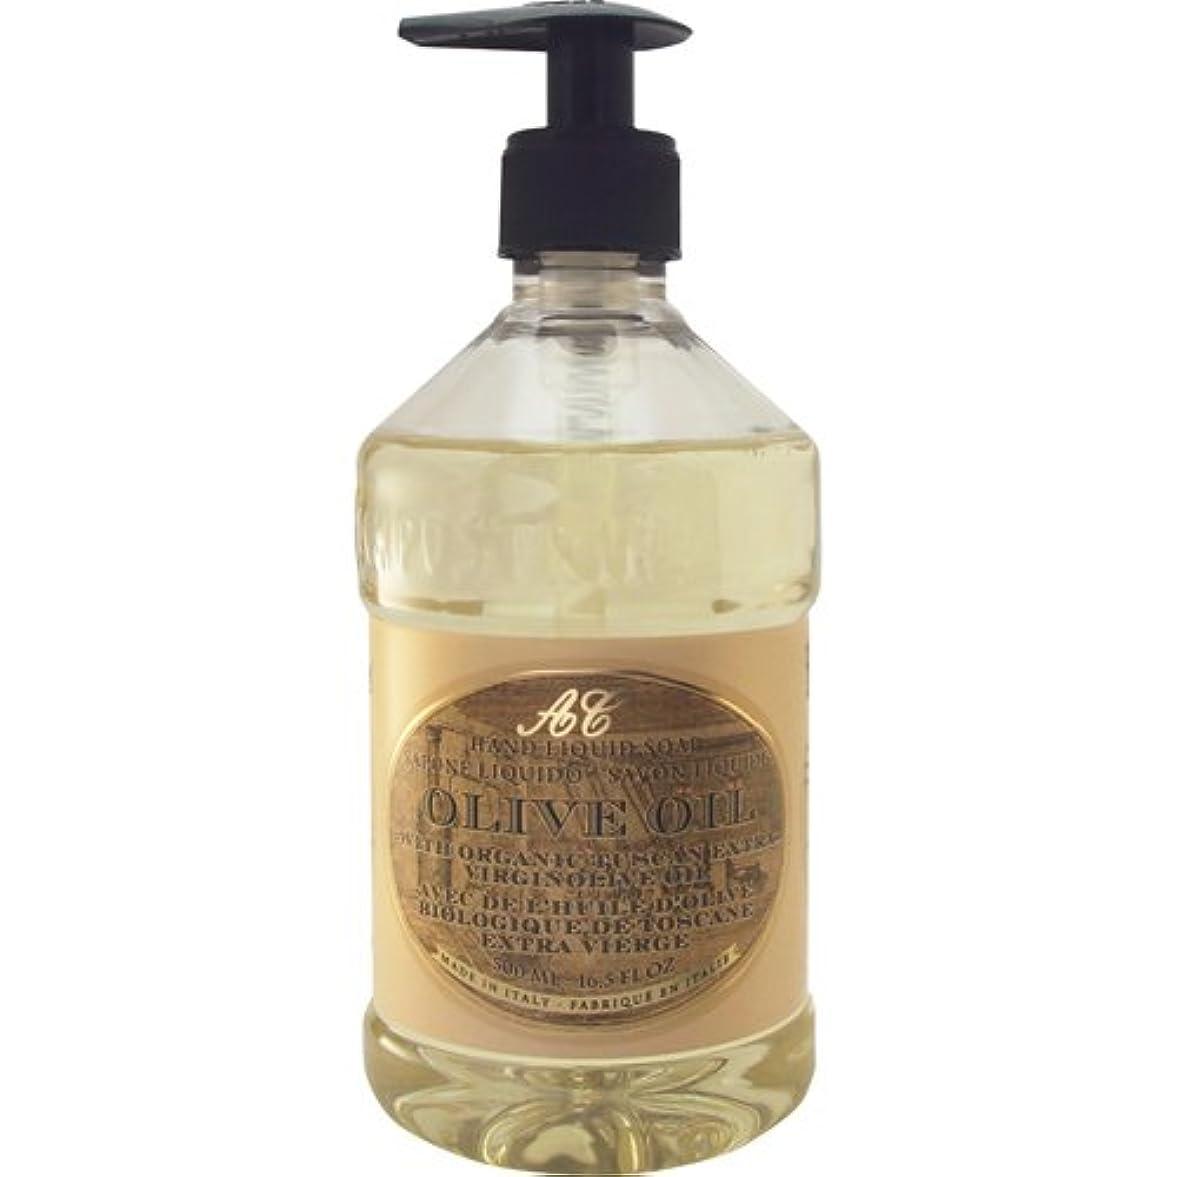 チューブ流用するスクラップブックSaponerire Fissi レトロシリーズ Liquid Soap リキッドソープ 500ml Olive Oil オリーブオイル